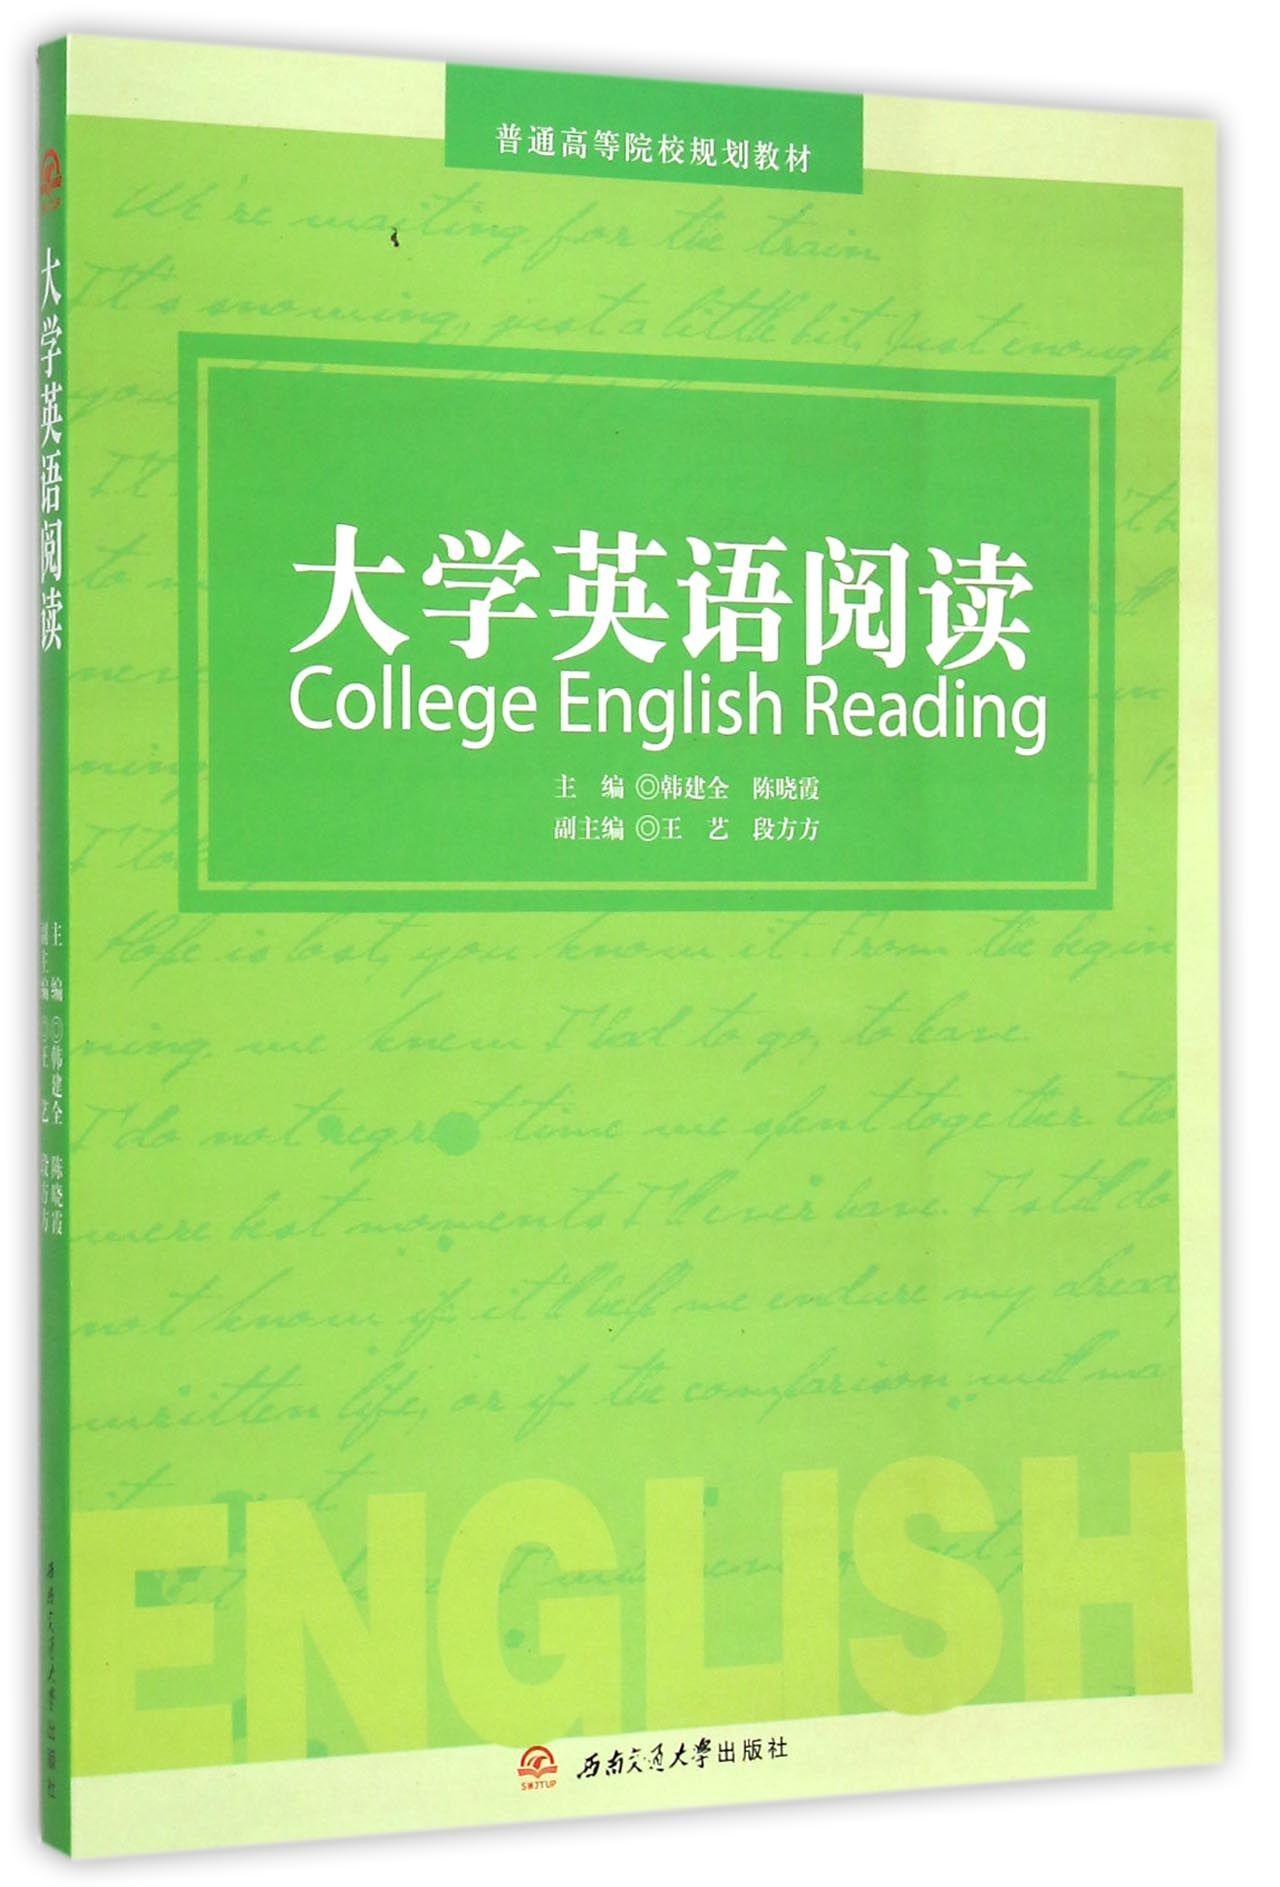 大学英语阅读(普通高等院校规划教材)图片